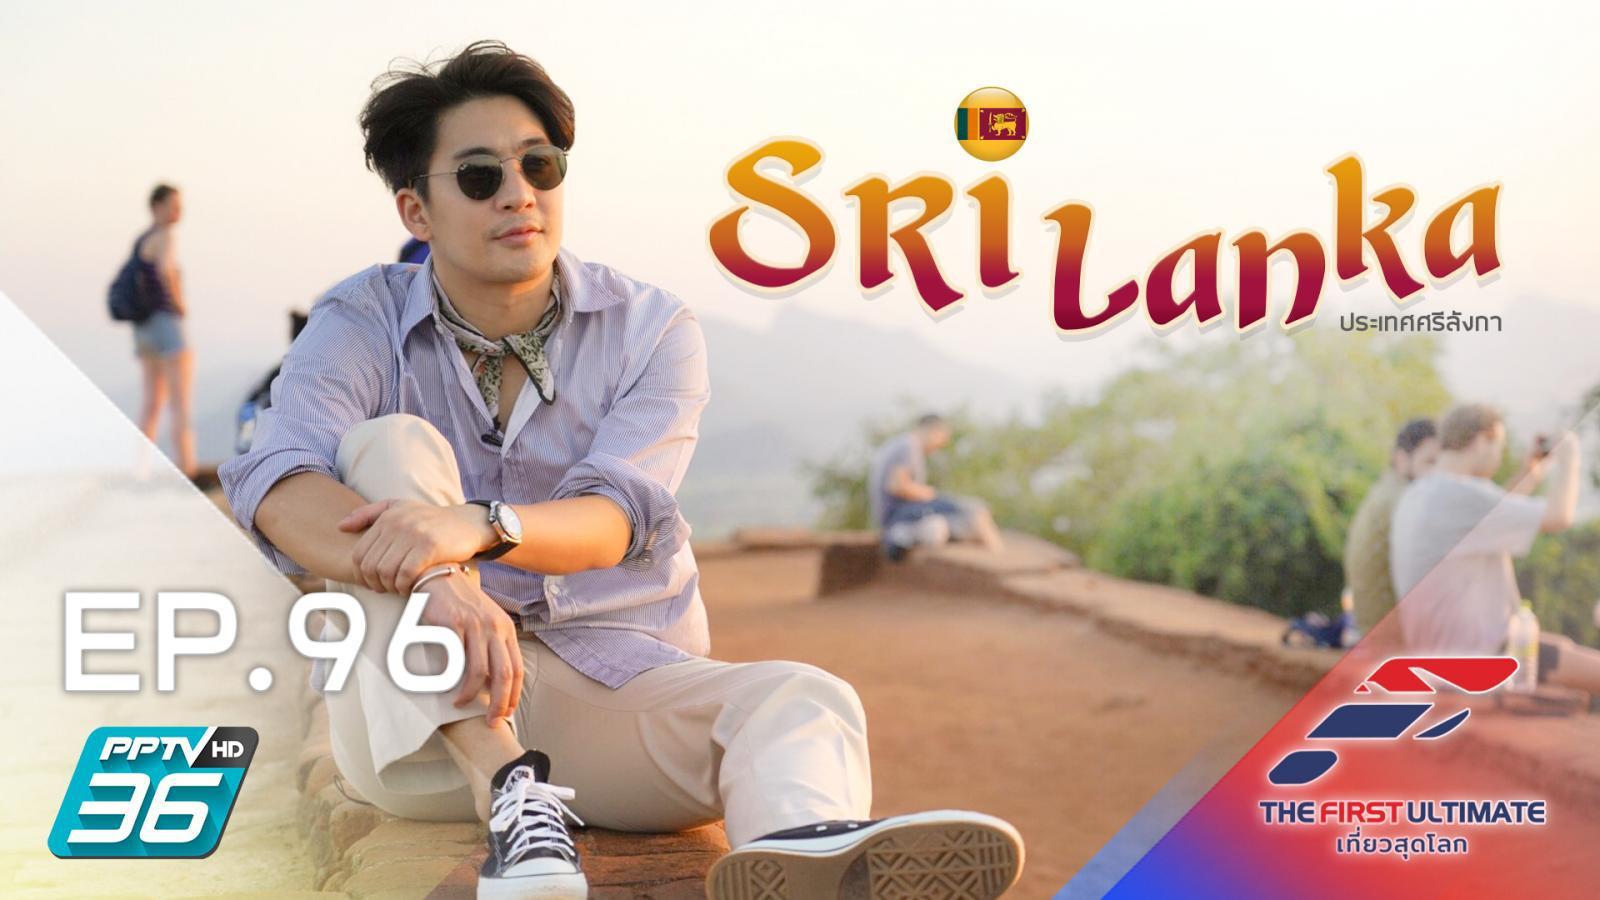 Sri Lanka ( ประเทศศรีลังกา )